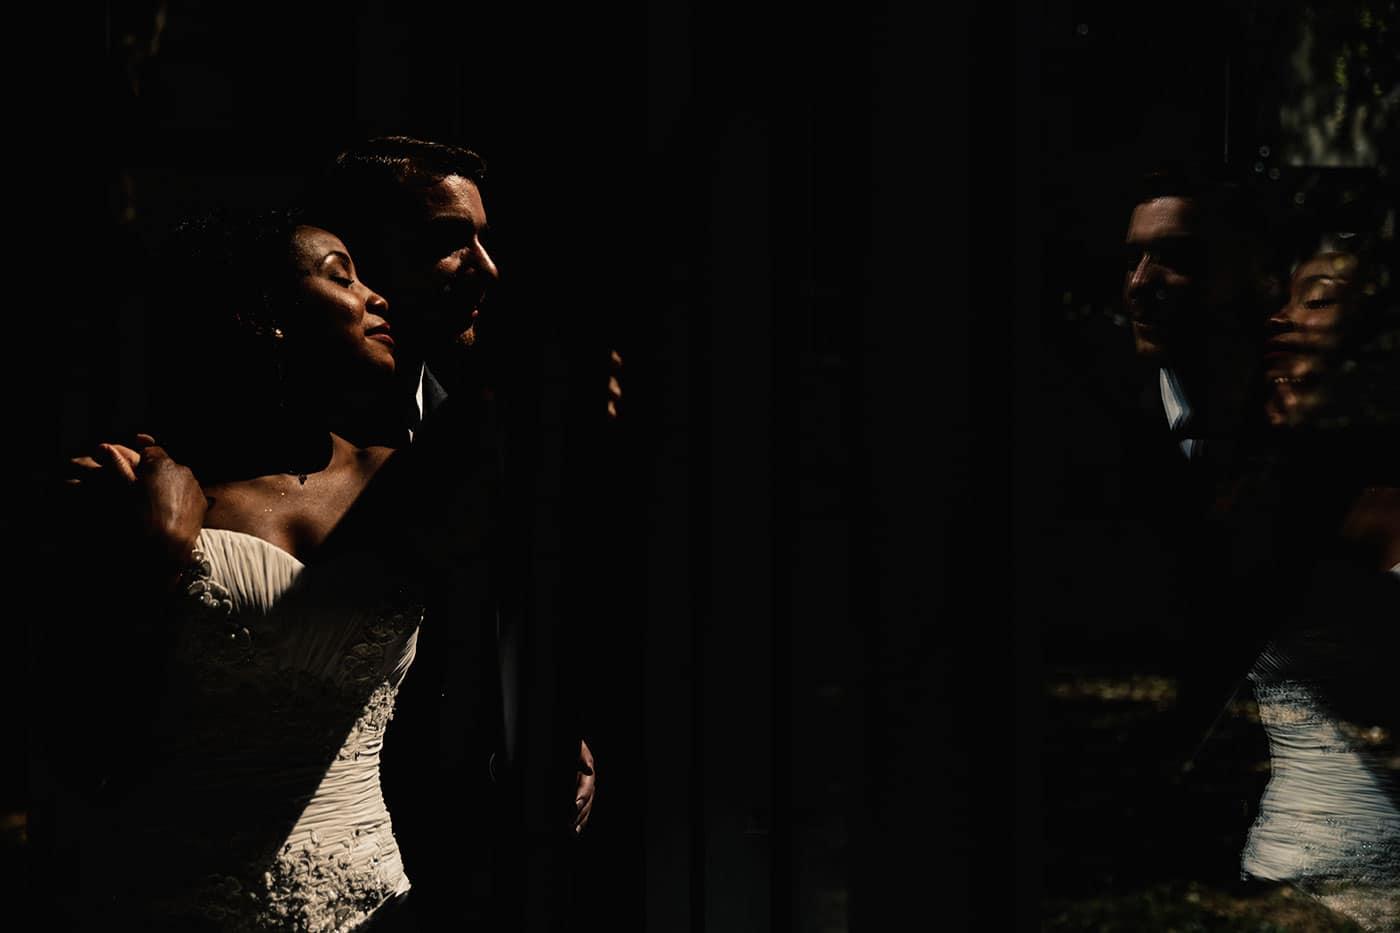 meilleur avis photographe de mariage Domaine de Bellevue à Anse Mariage au domaine de Bellevue Anse. Castille ALMA photographe de mariage au domaine de Bellevue. Mariage Antillais. Mariage prostestant.